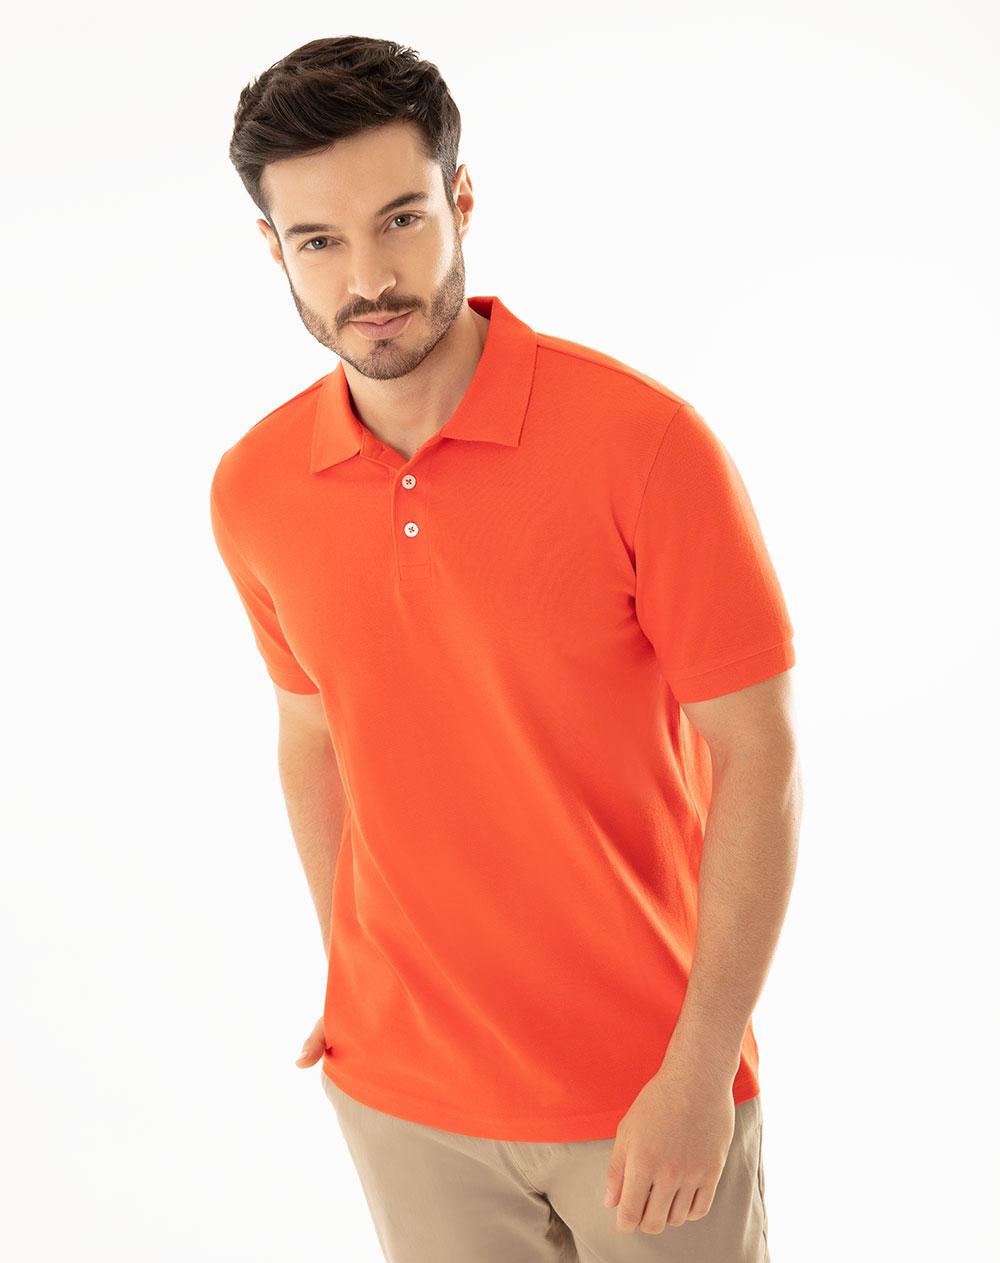 a996eff4e6f6 Camisetas para Hombre Gef